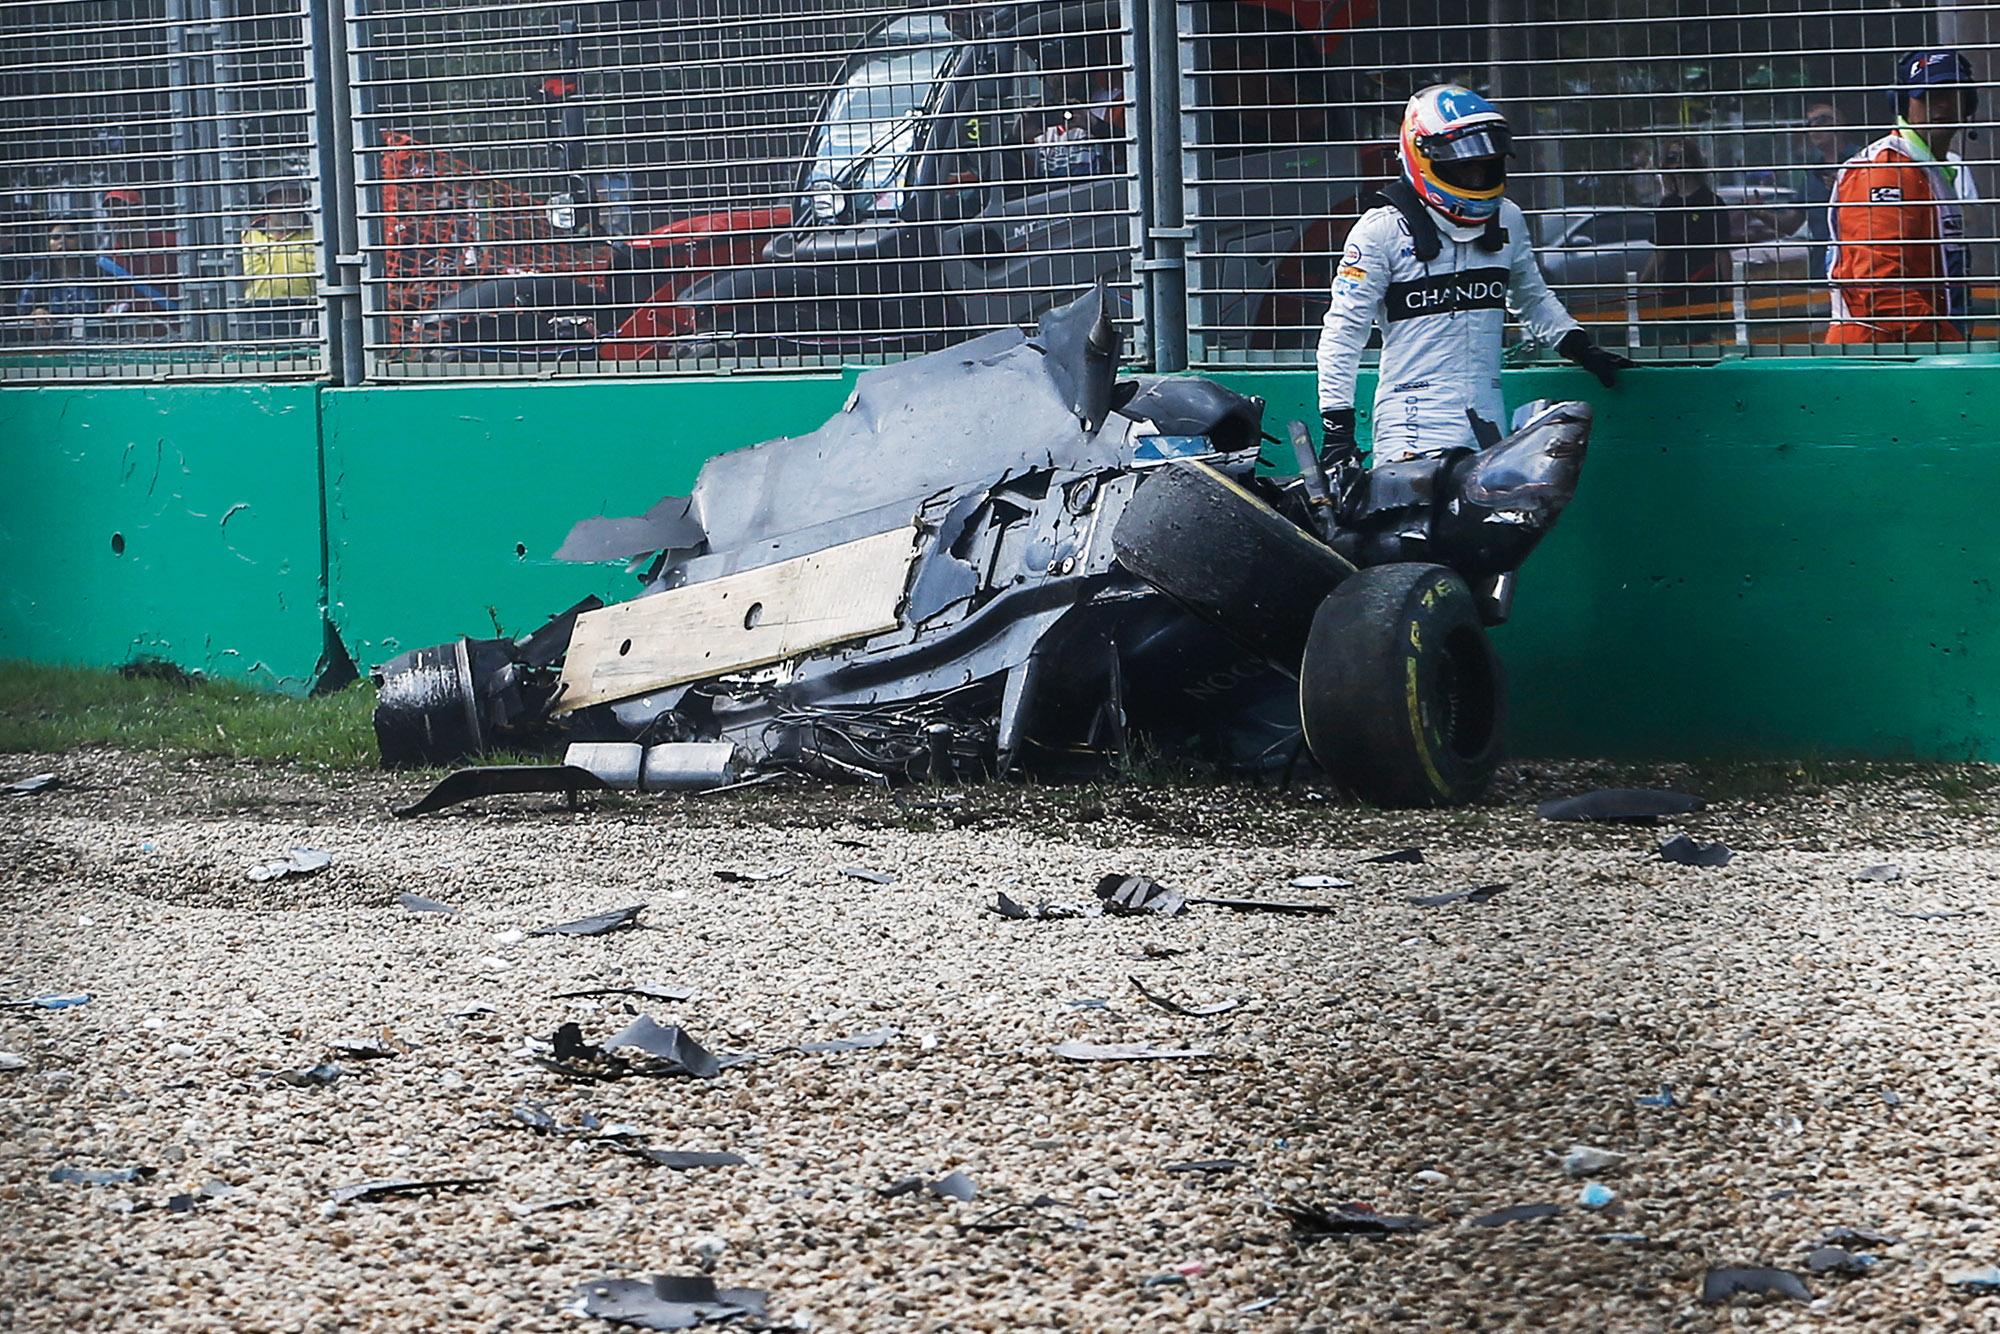 Fernando Alonso McLaren crash